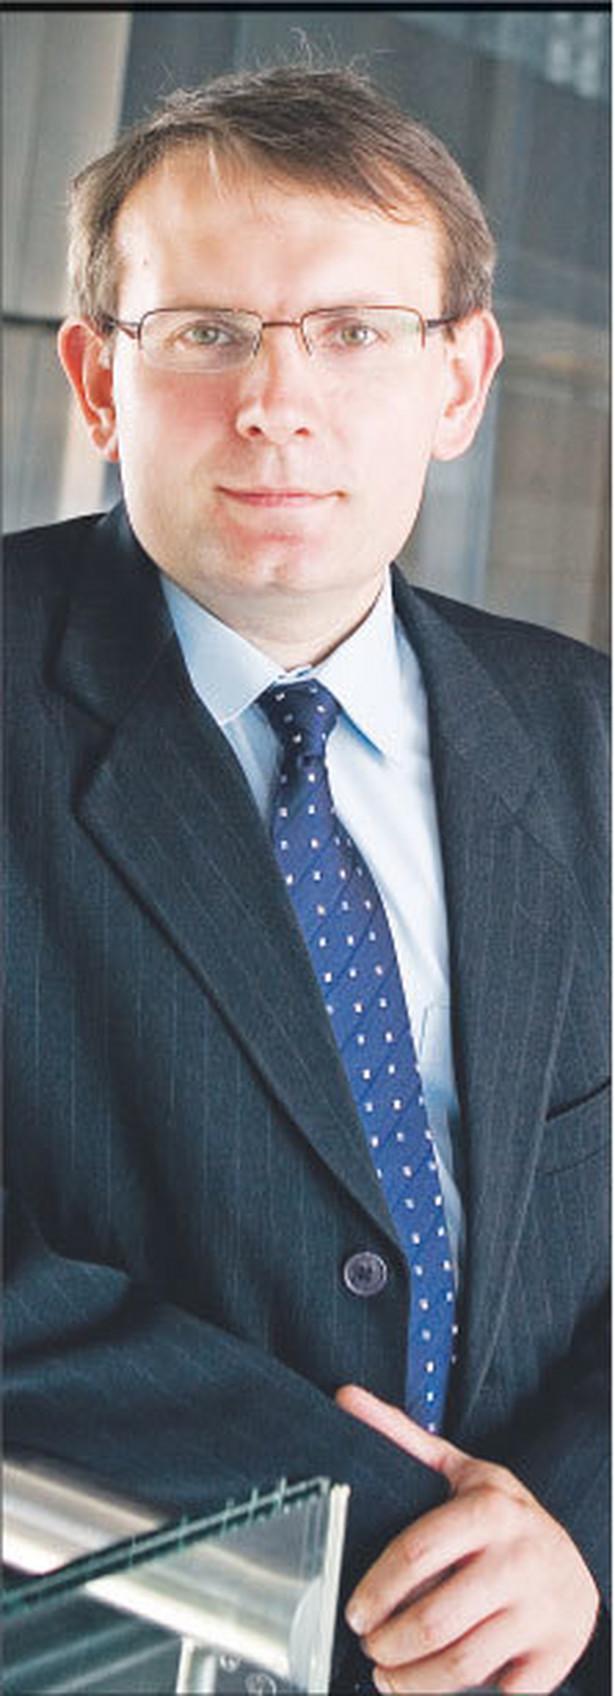 Radosław Nożykowski, adwokat w Kancelarii Baker & McKenzie Fot. Wojciech Górski